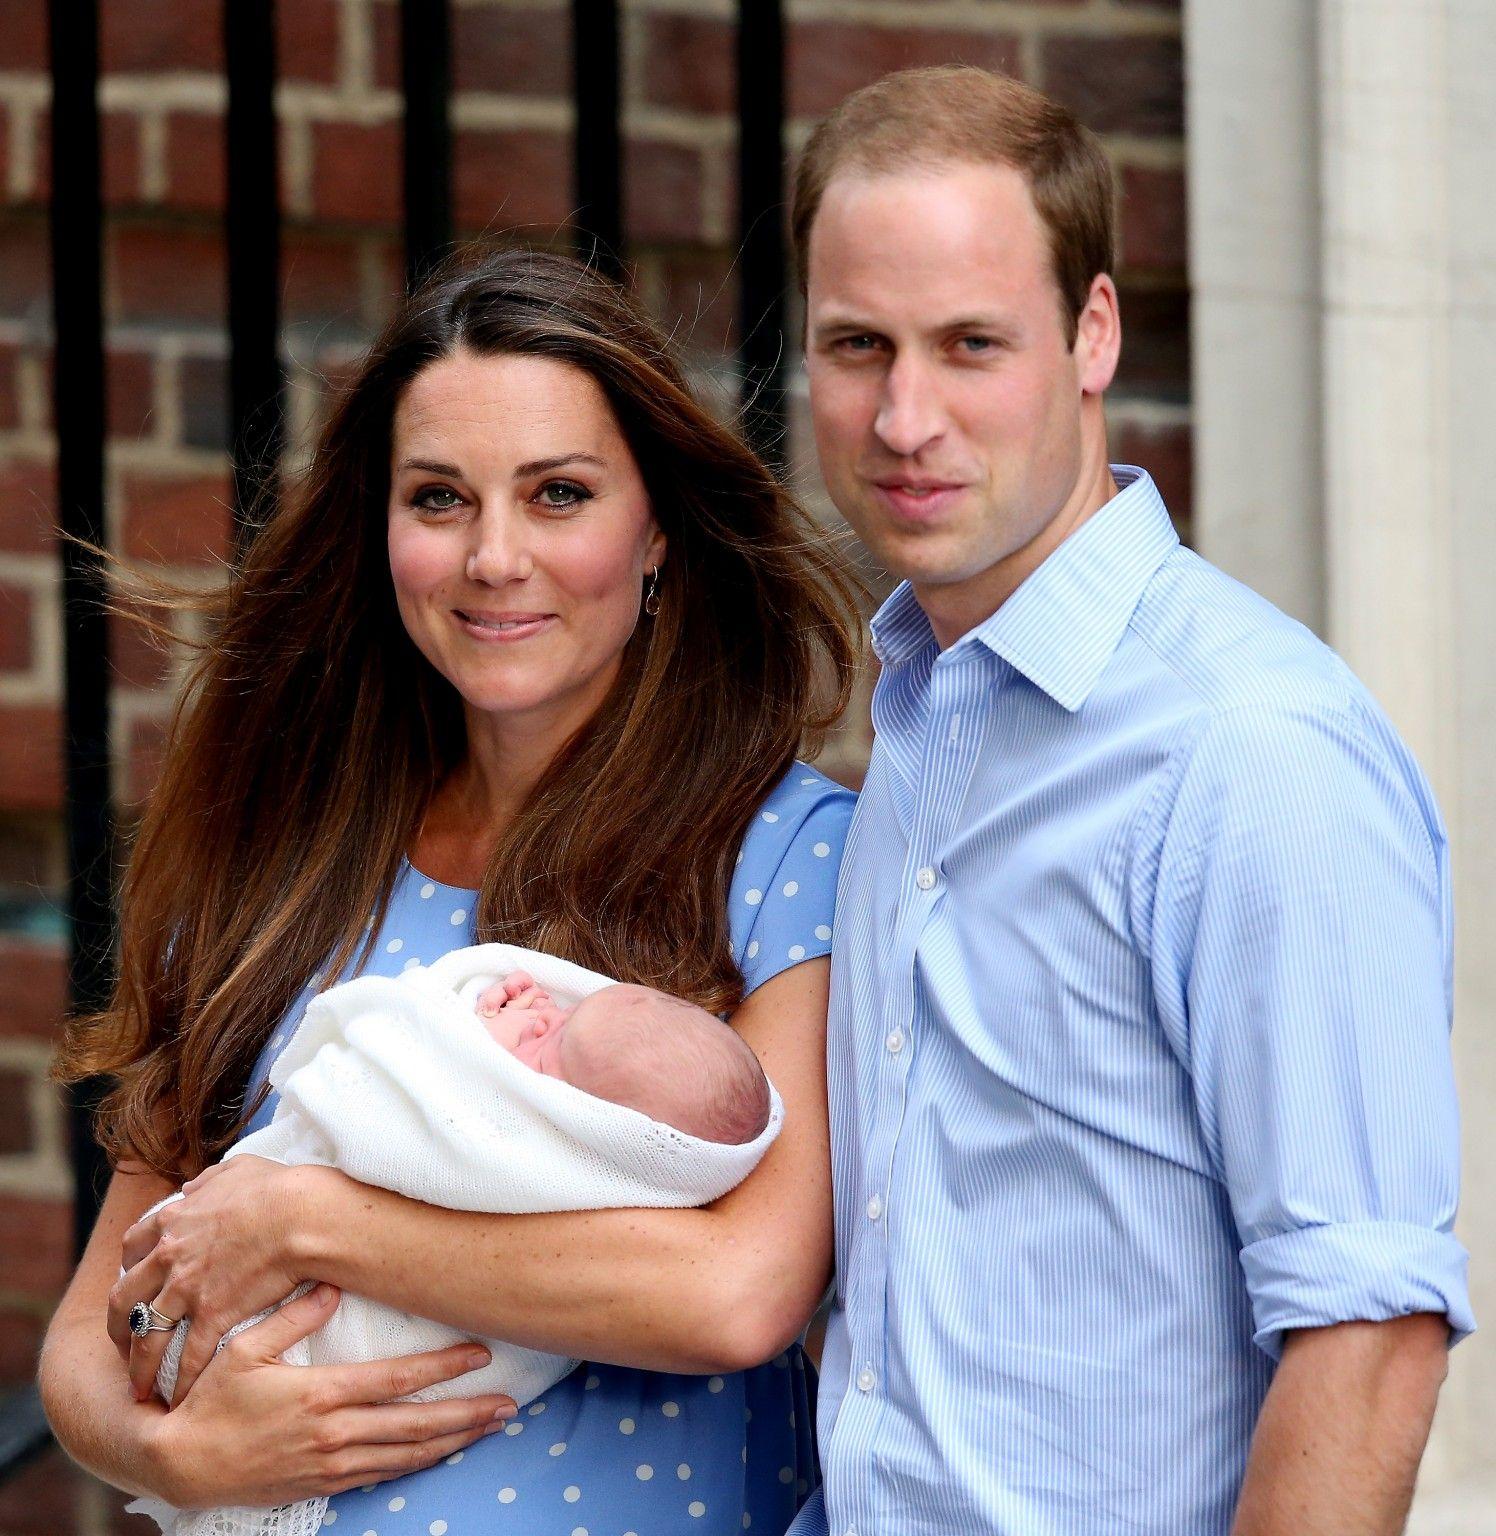 PHOTOS Of Kate Middleton Son